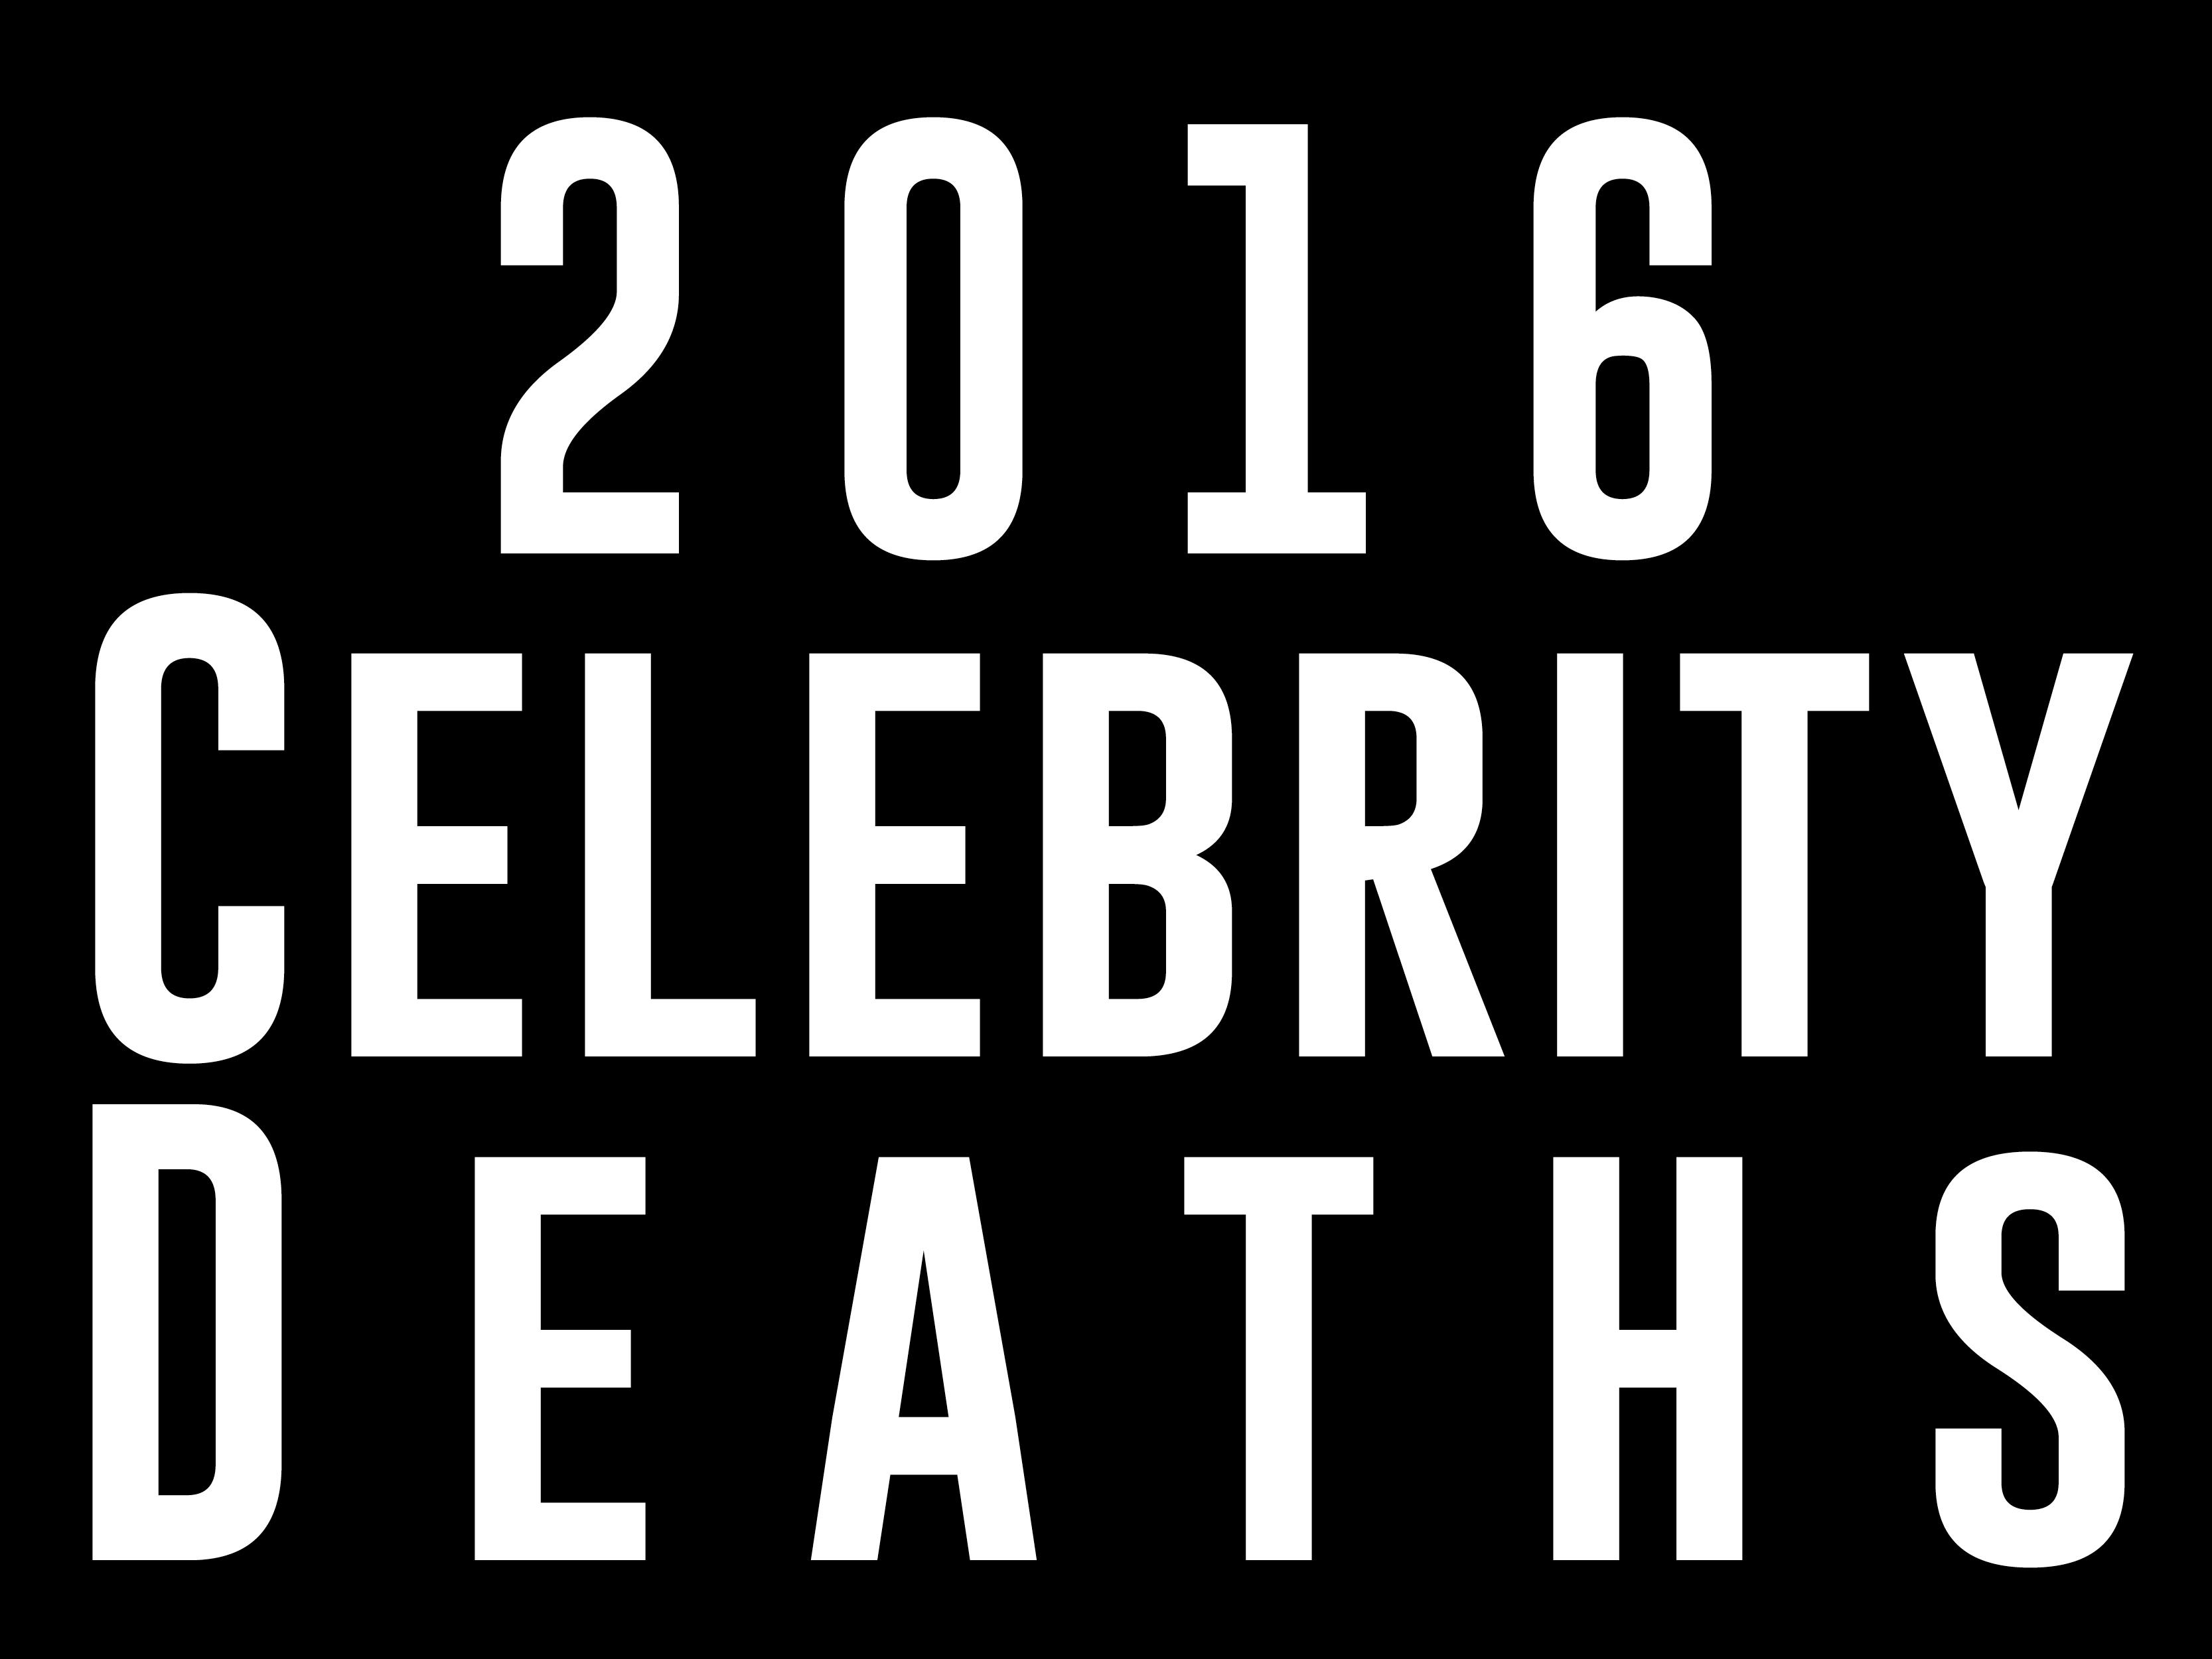 2016 Celebrity Deaths by Vikki Damon